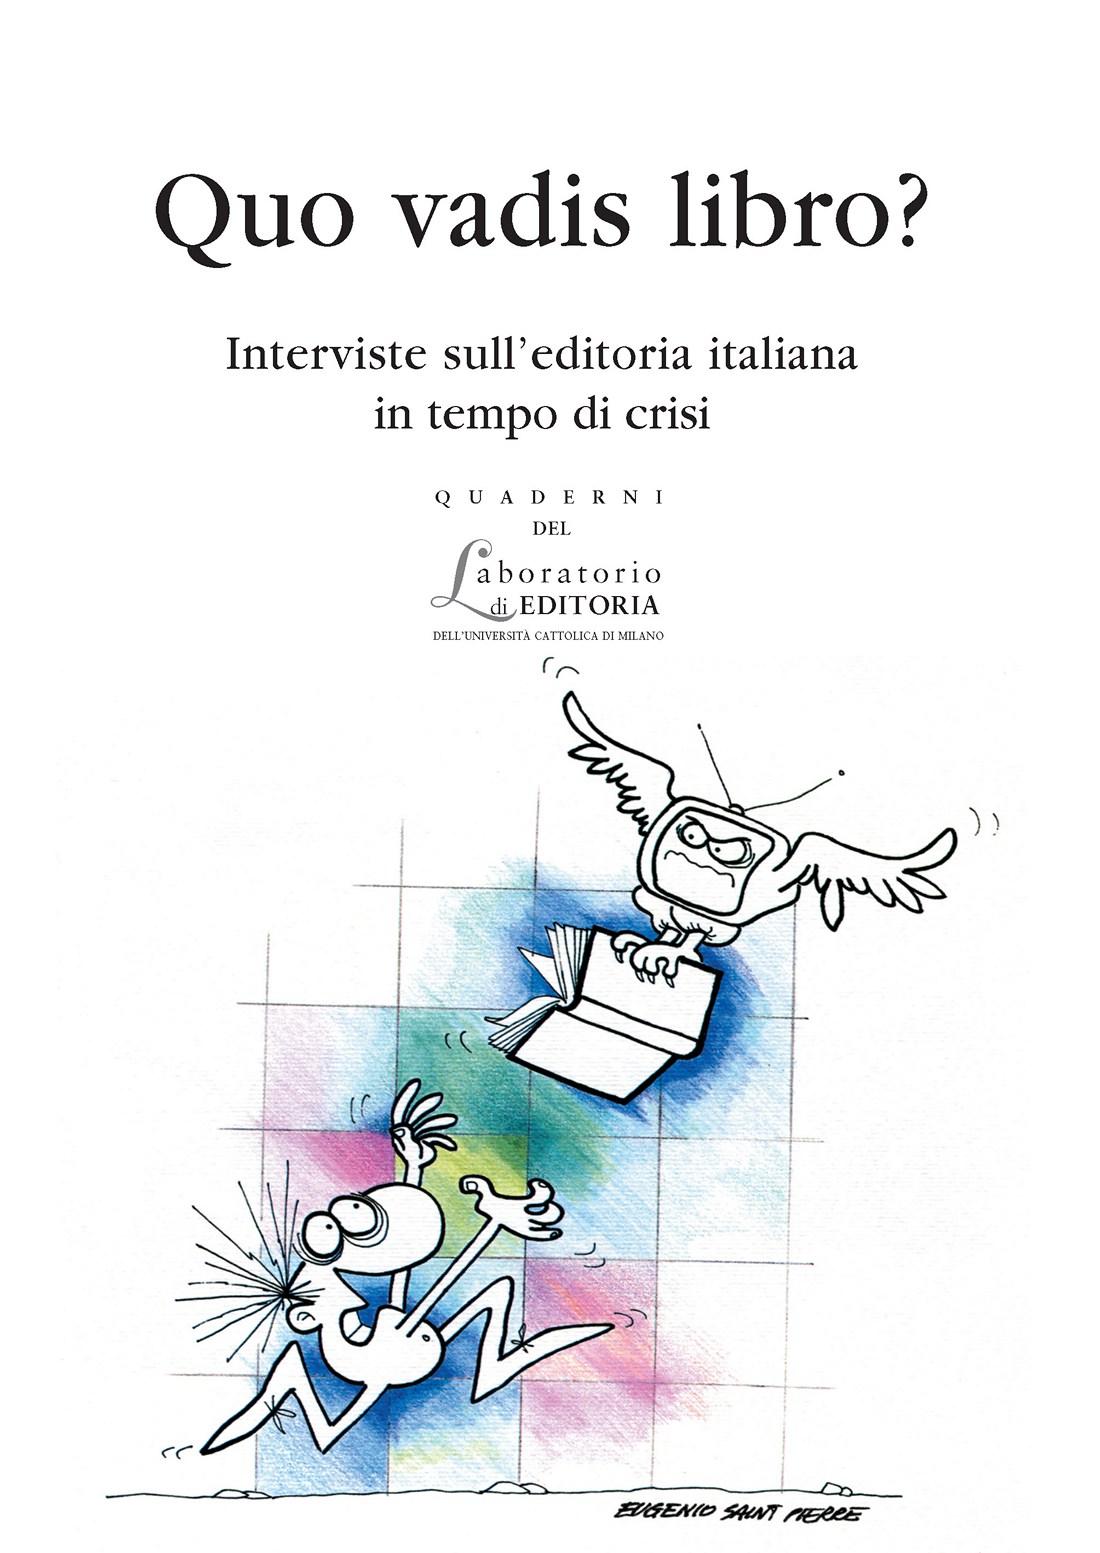 QUO VADIS LIBRO? INTERVISTE SULL'EDITORIA ITALIANA IN TEMPO DI CRISI. QUADERNI QUALE 8